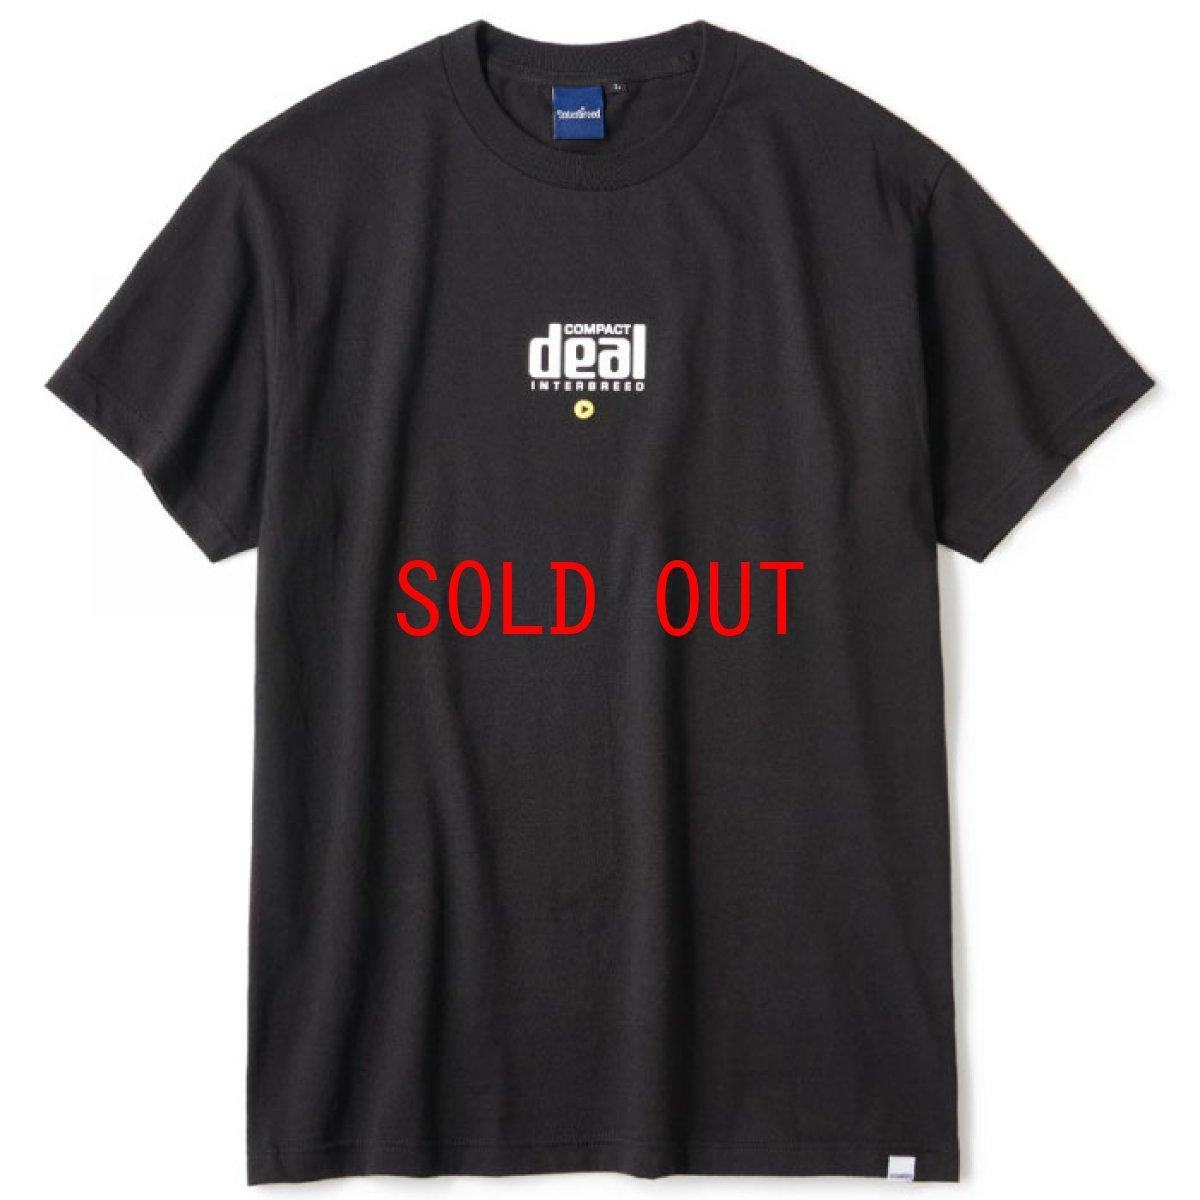 画像1: Small Business S/S Tee 半袖 Tシャツ Black ブラック (1)